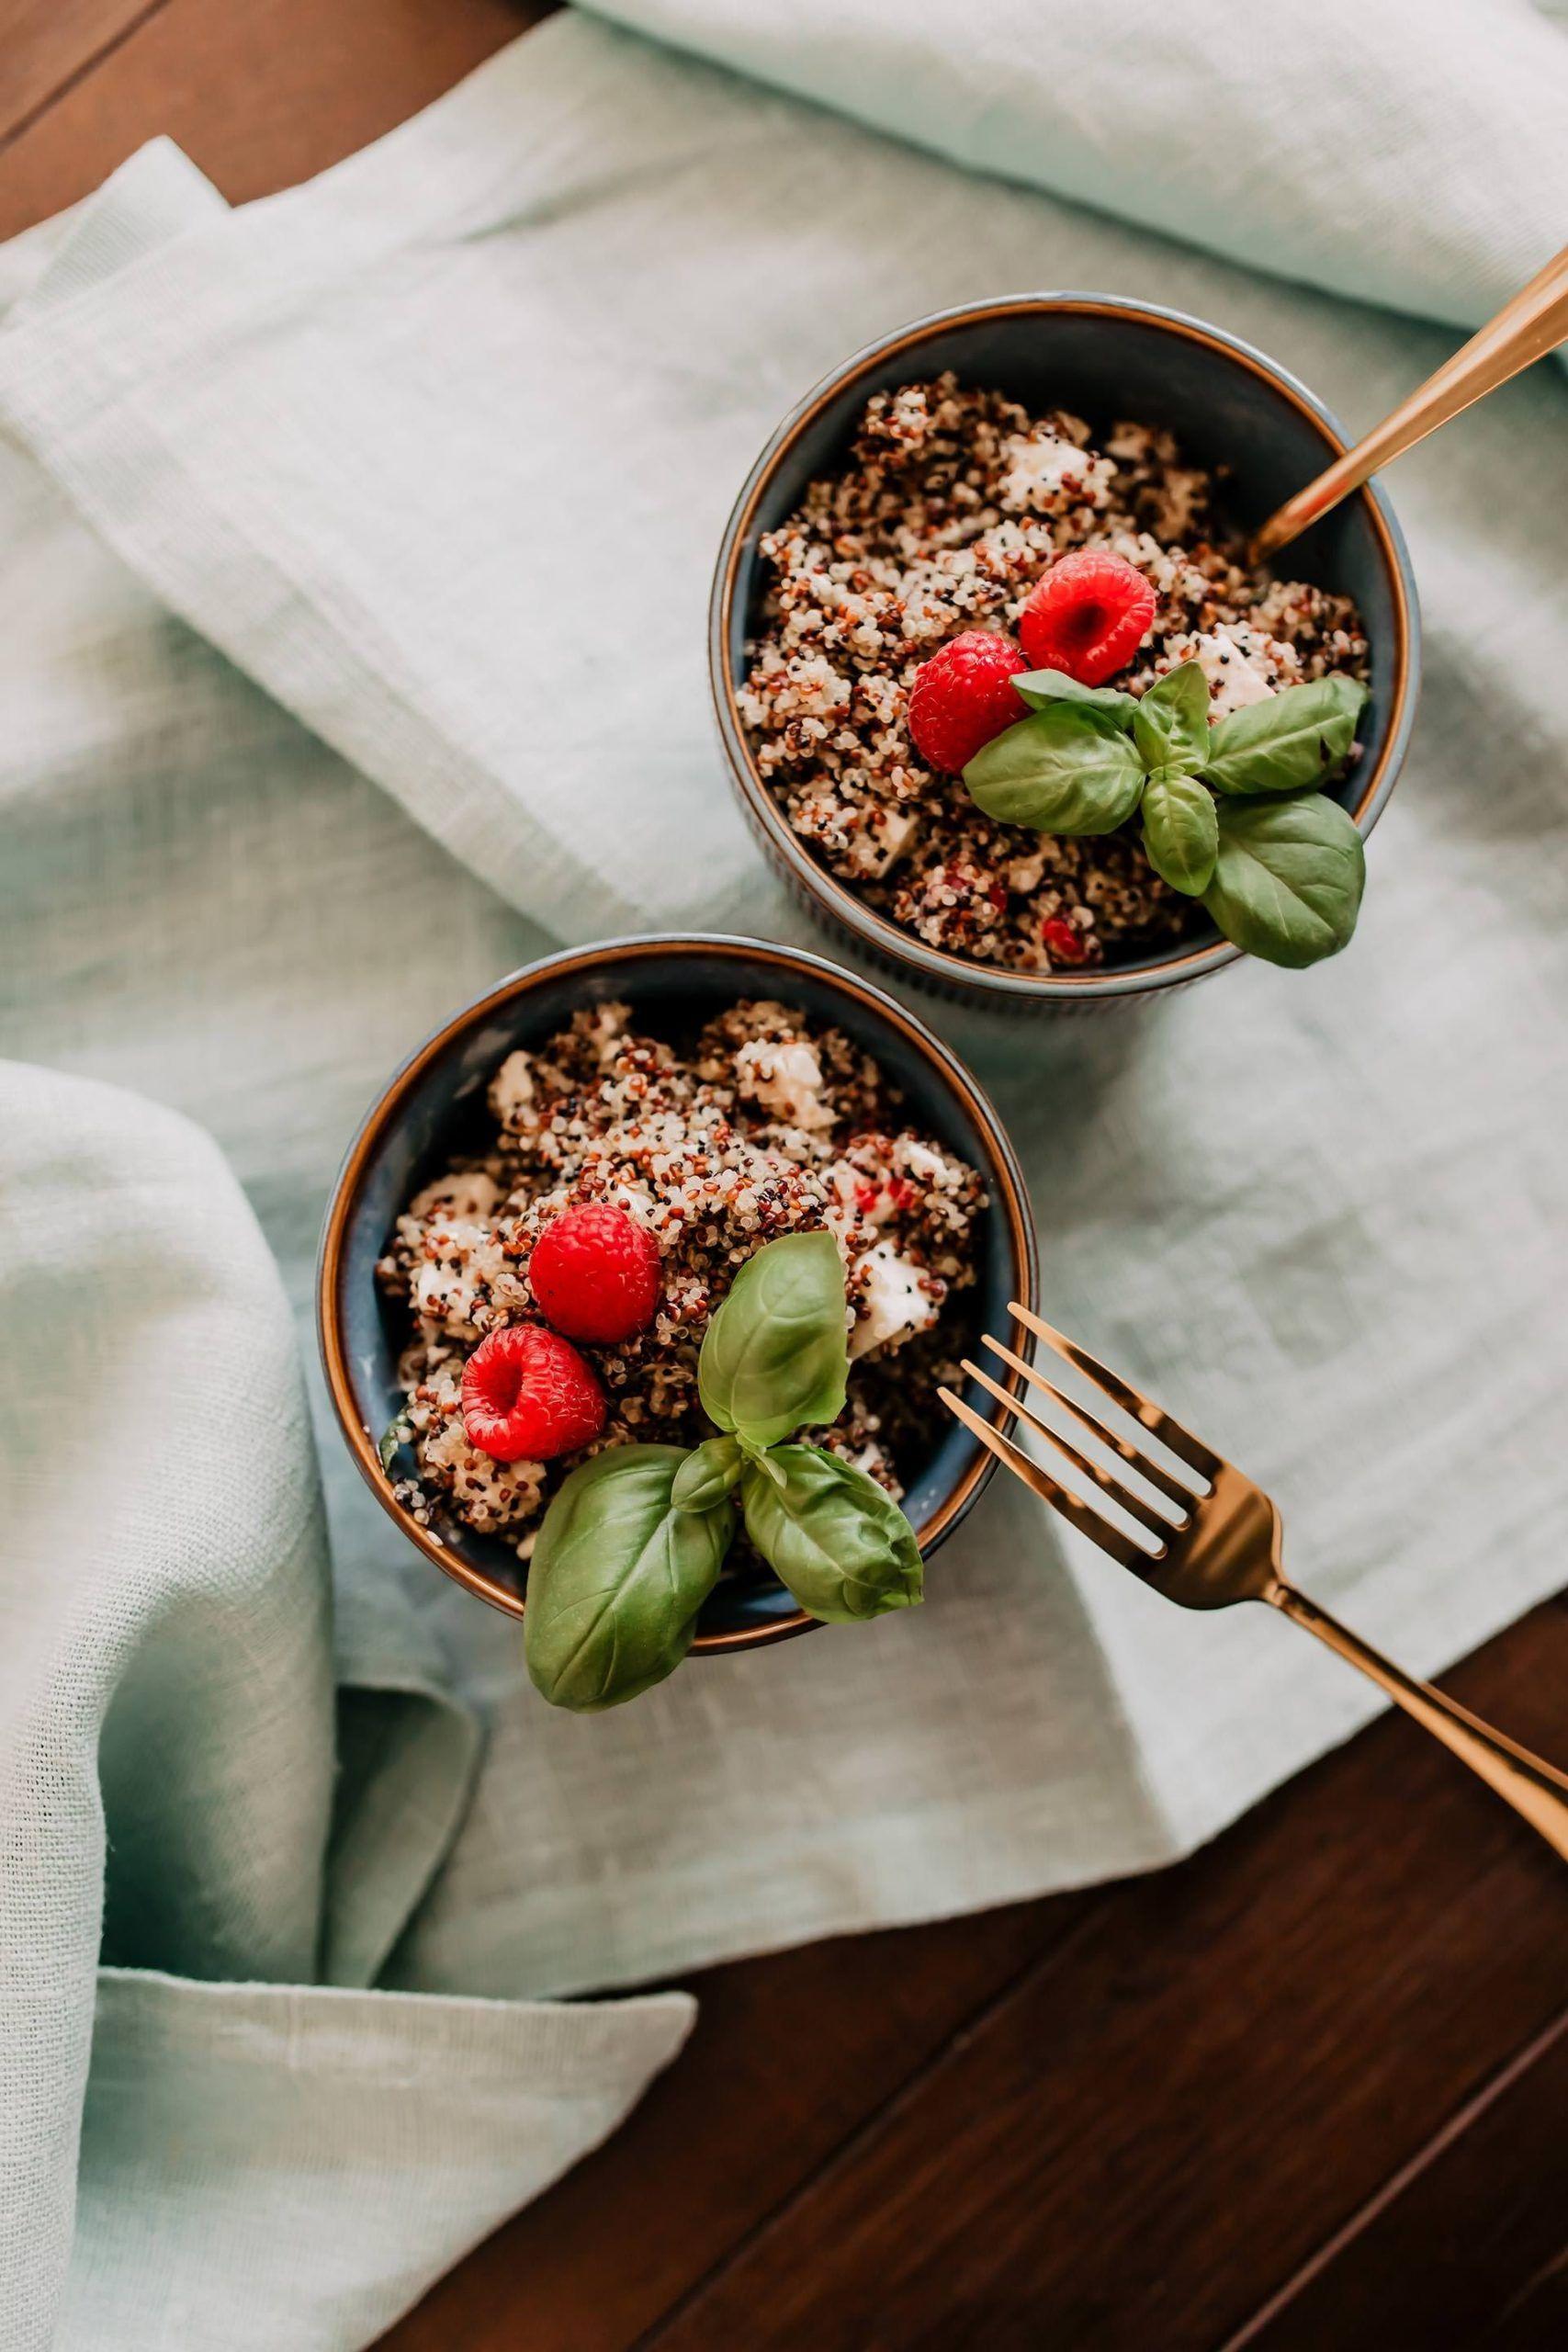 schnelles Mittagessen ohne Fleisch: 5 einfache vegetarische Rezepte für jeden Tag!, #Einfache #Fleisch #für #jeden #Mittagessen #ohne #Rezepte #schnelles #Tag #vegetarische